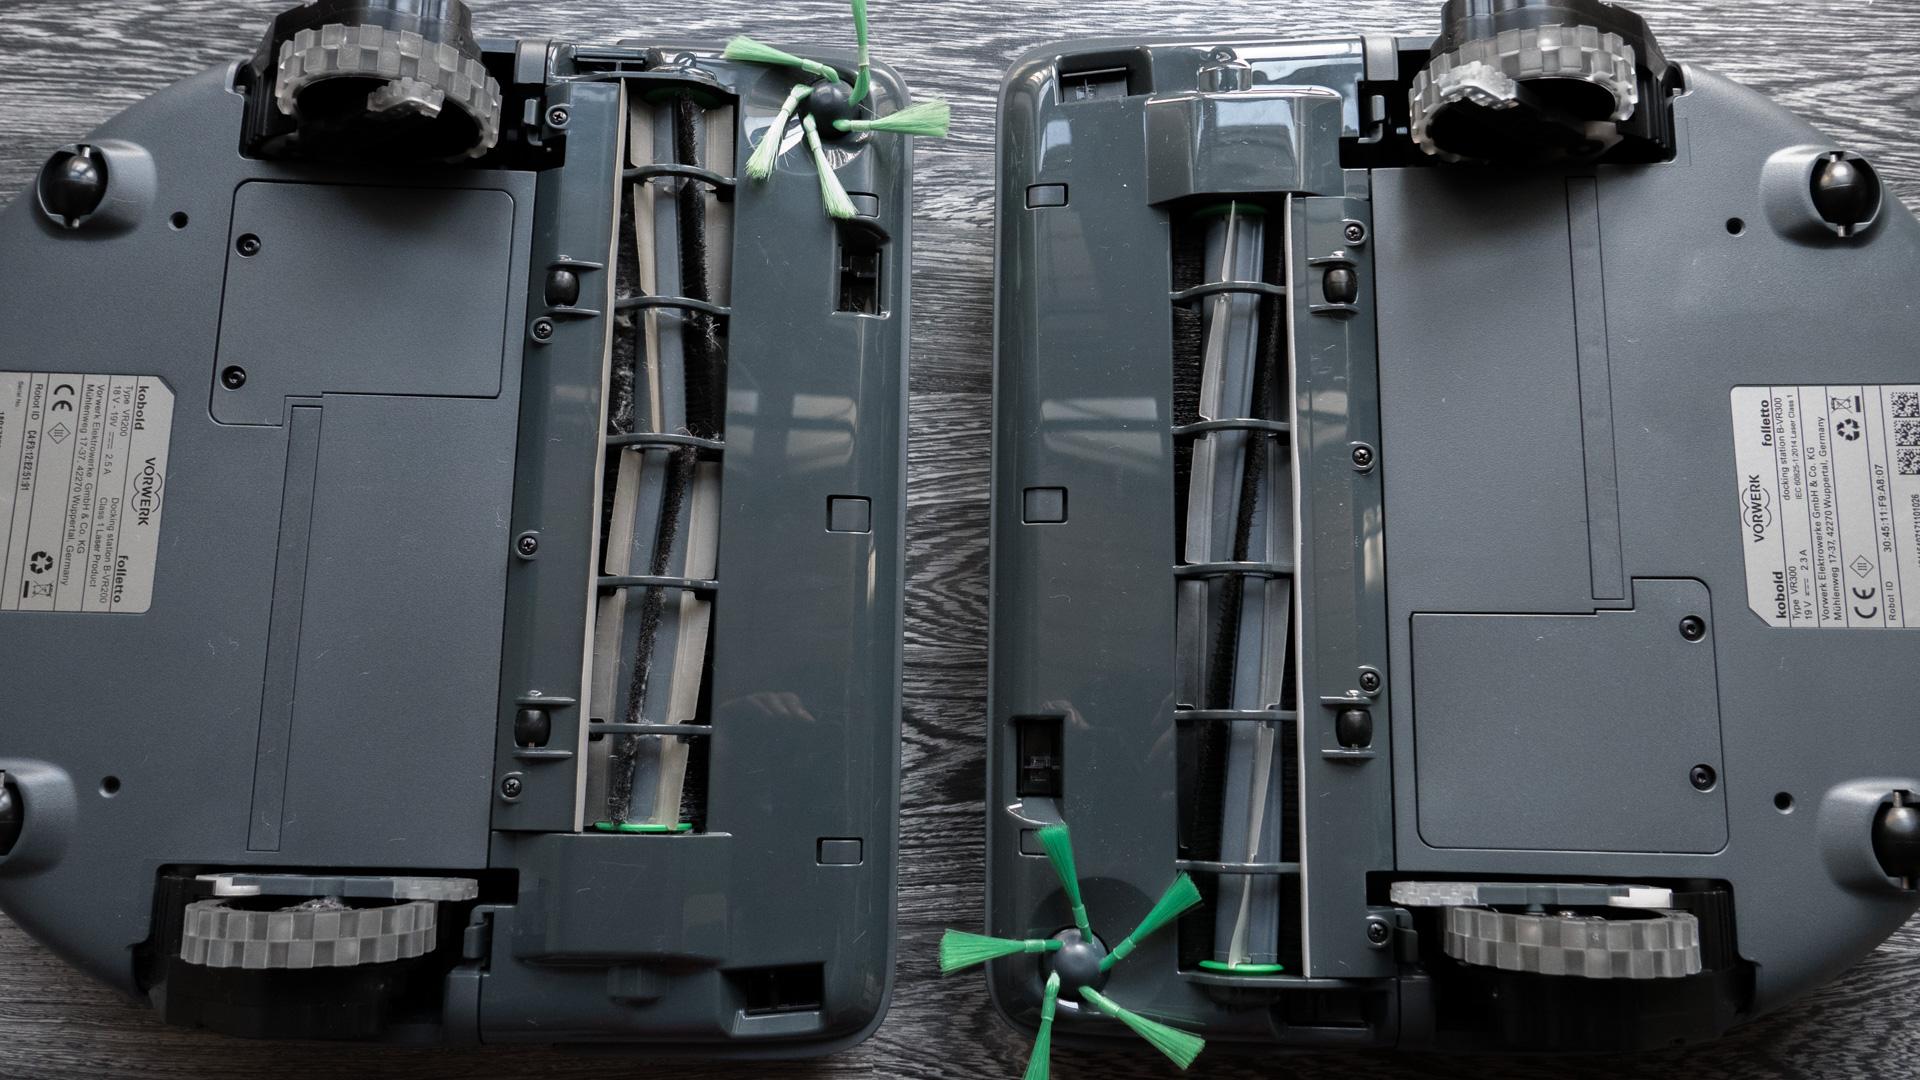 Vorwerk-VR200-VR300-Vergleich-5